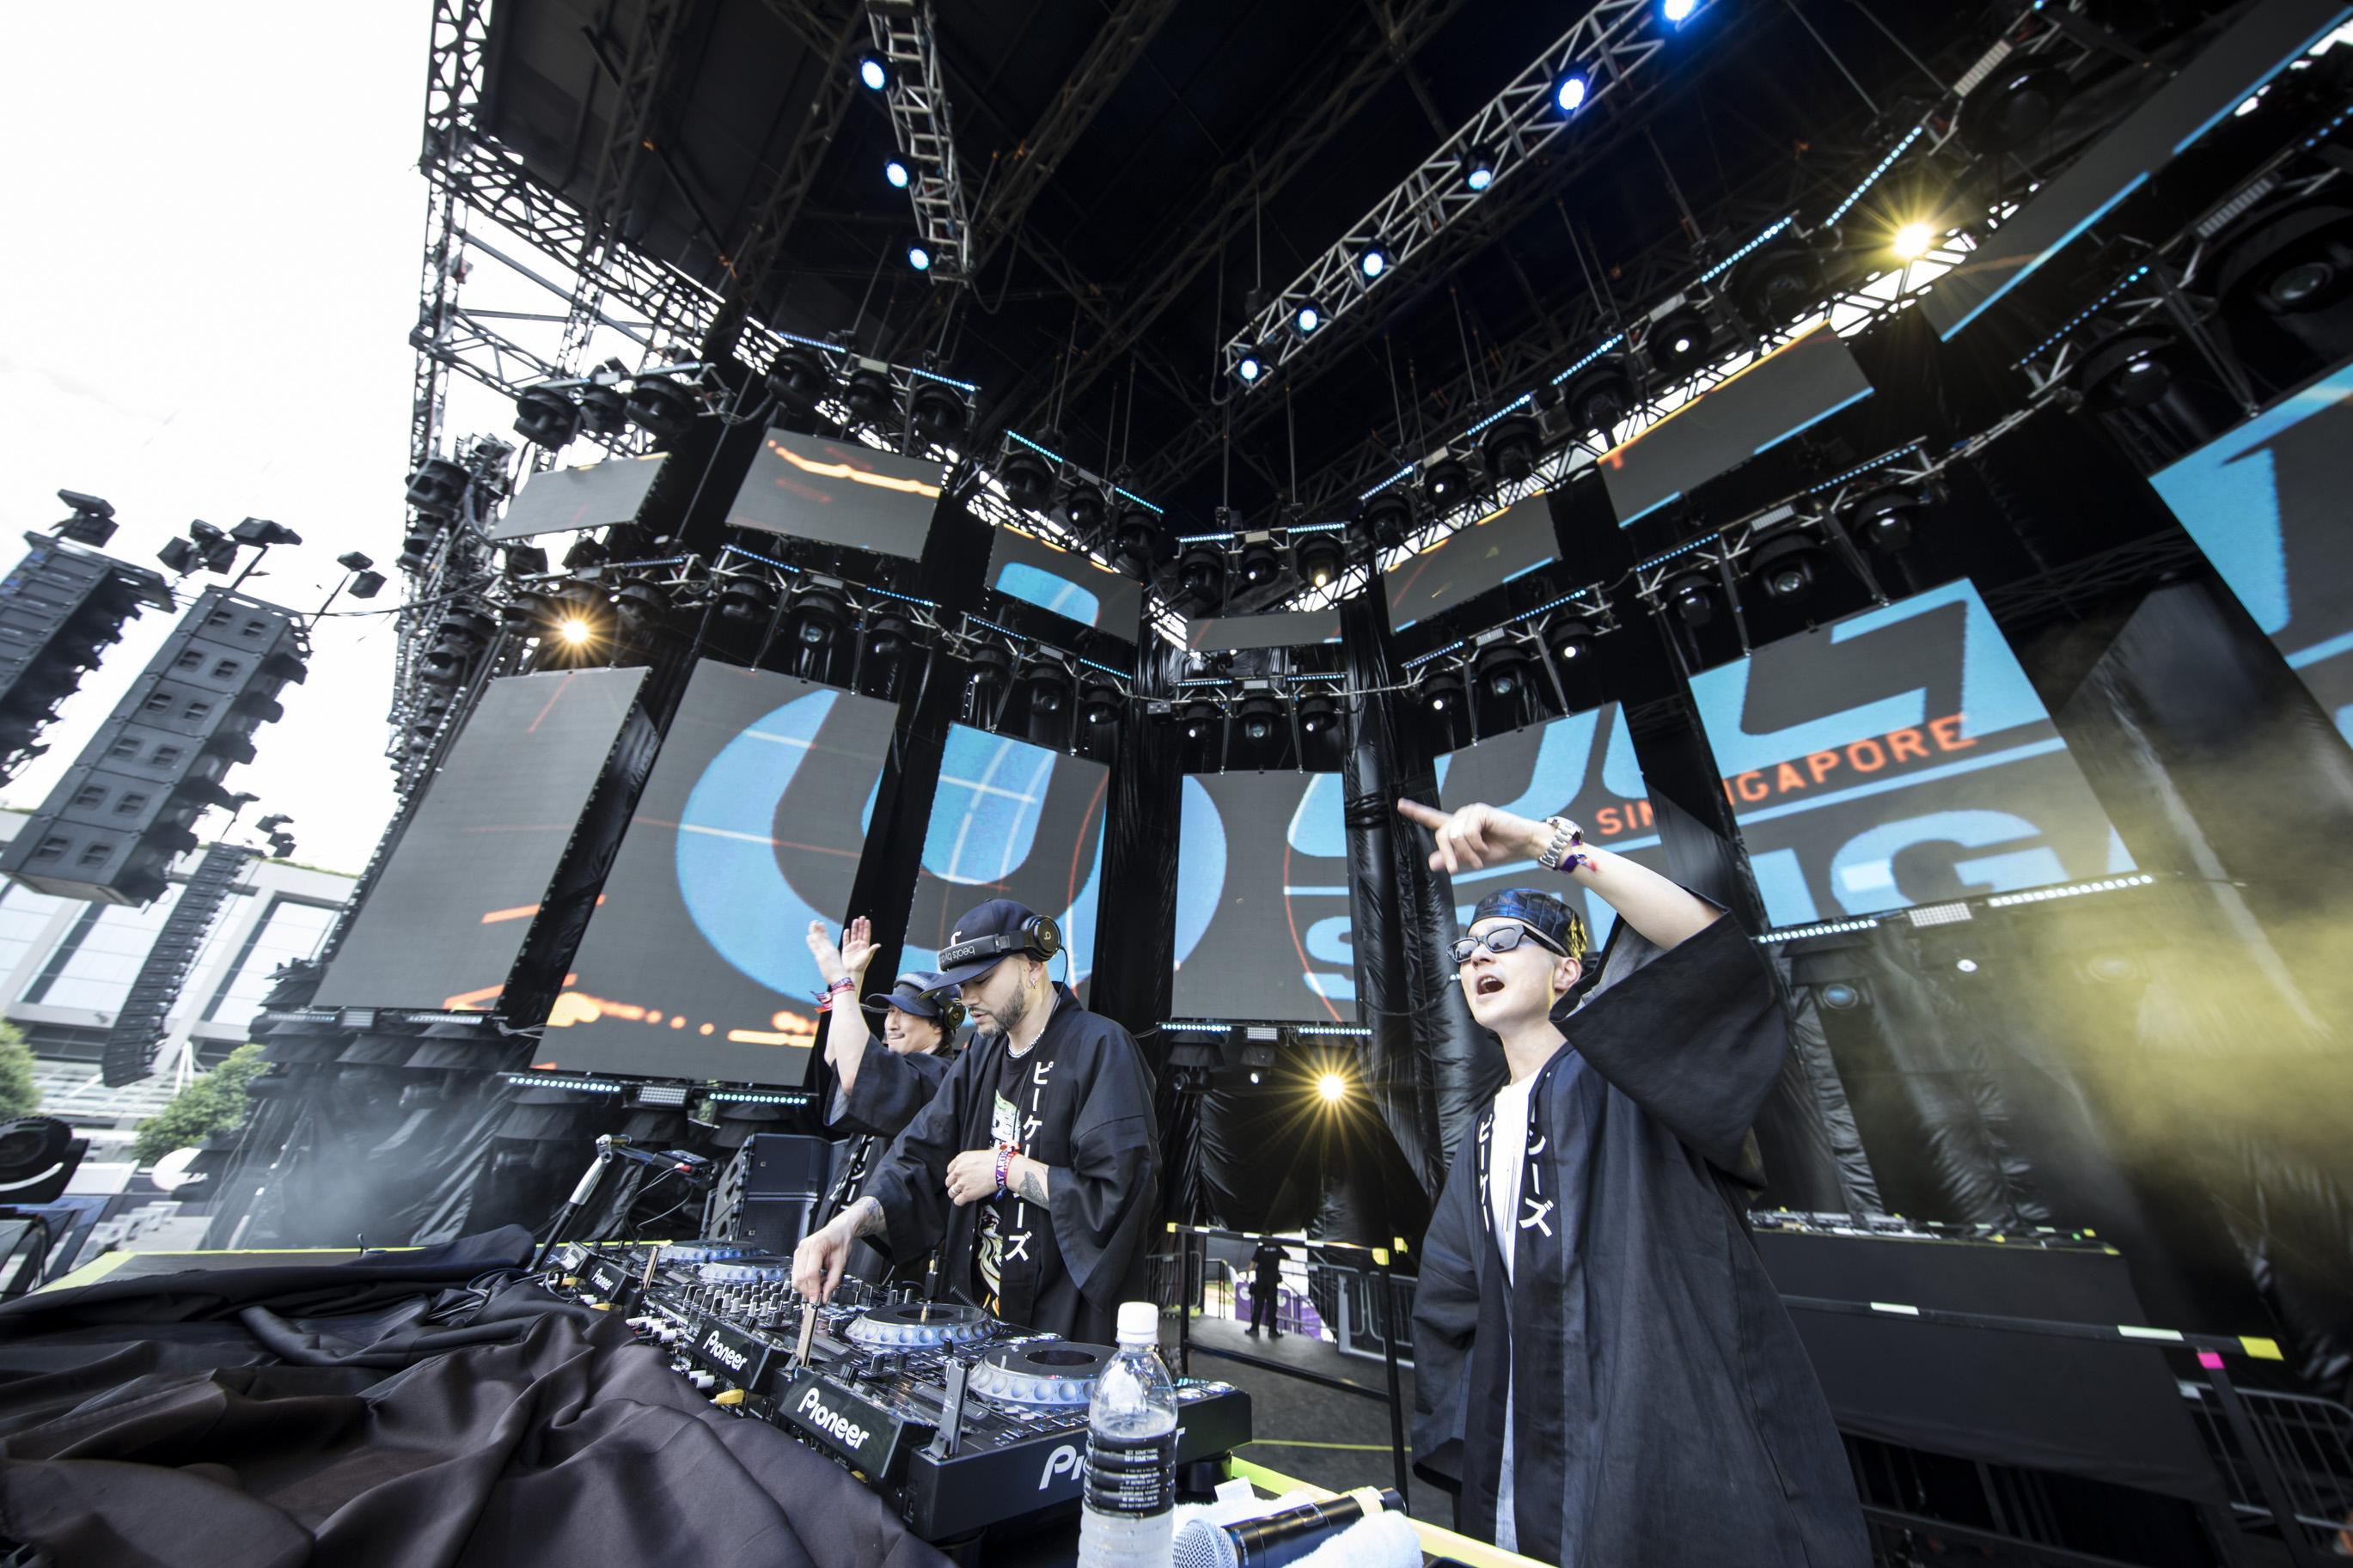 PKCZ®が初となる海外フェス 「Ultra Singapore 2017」に出演! 昨年 12 月以来となる 3 人揃い踏みの DJ セットで 「完全復活」を宣言。